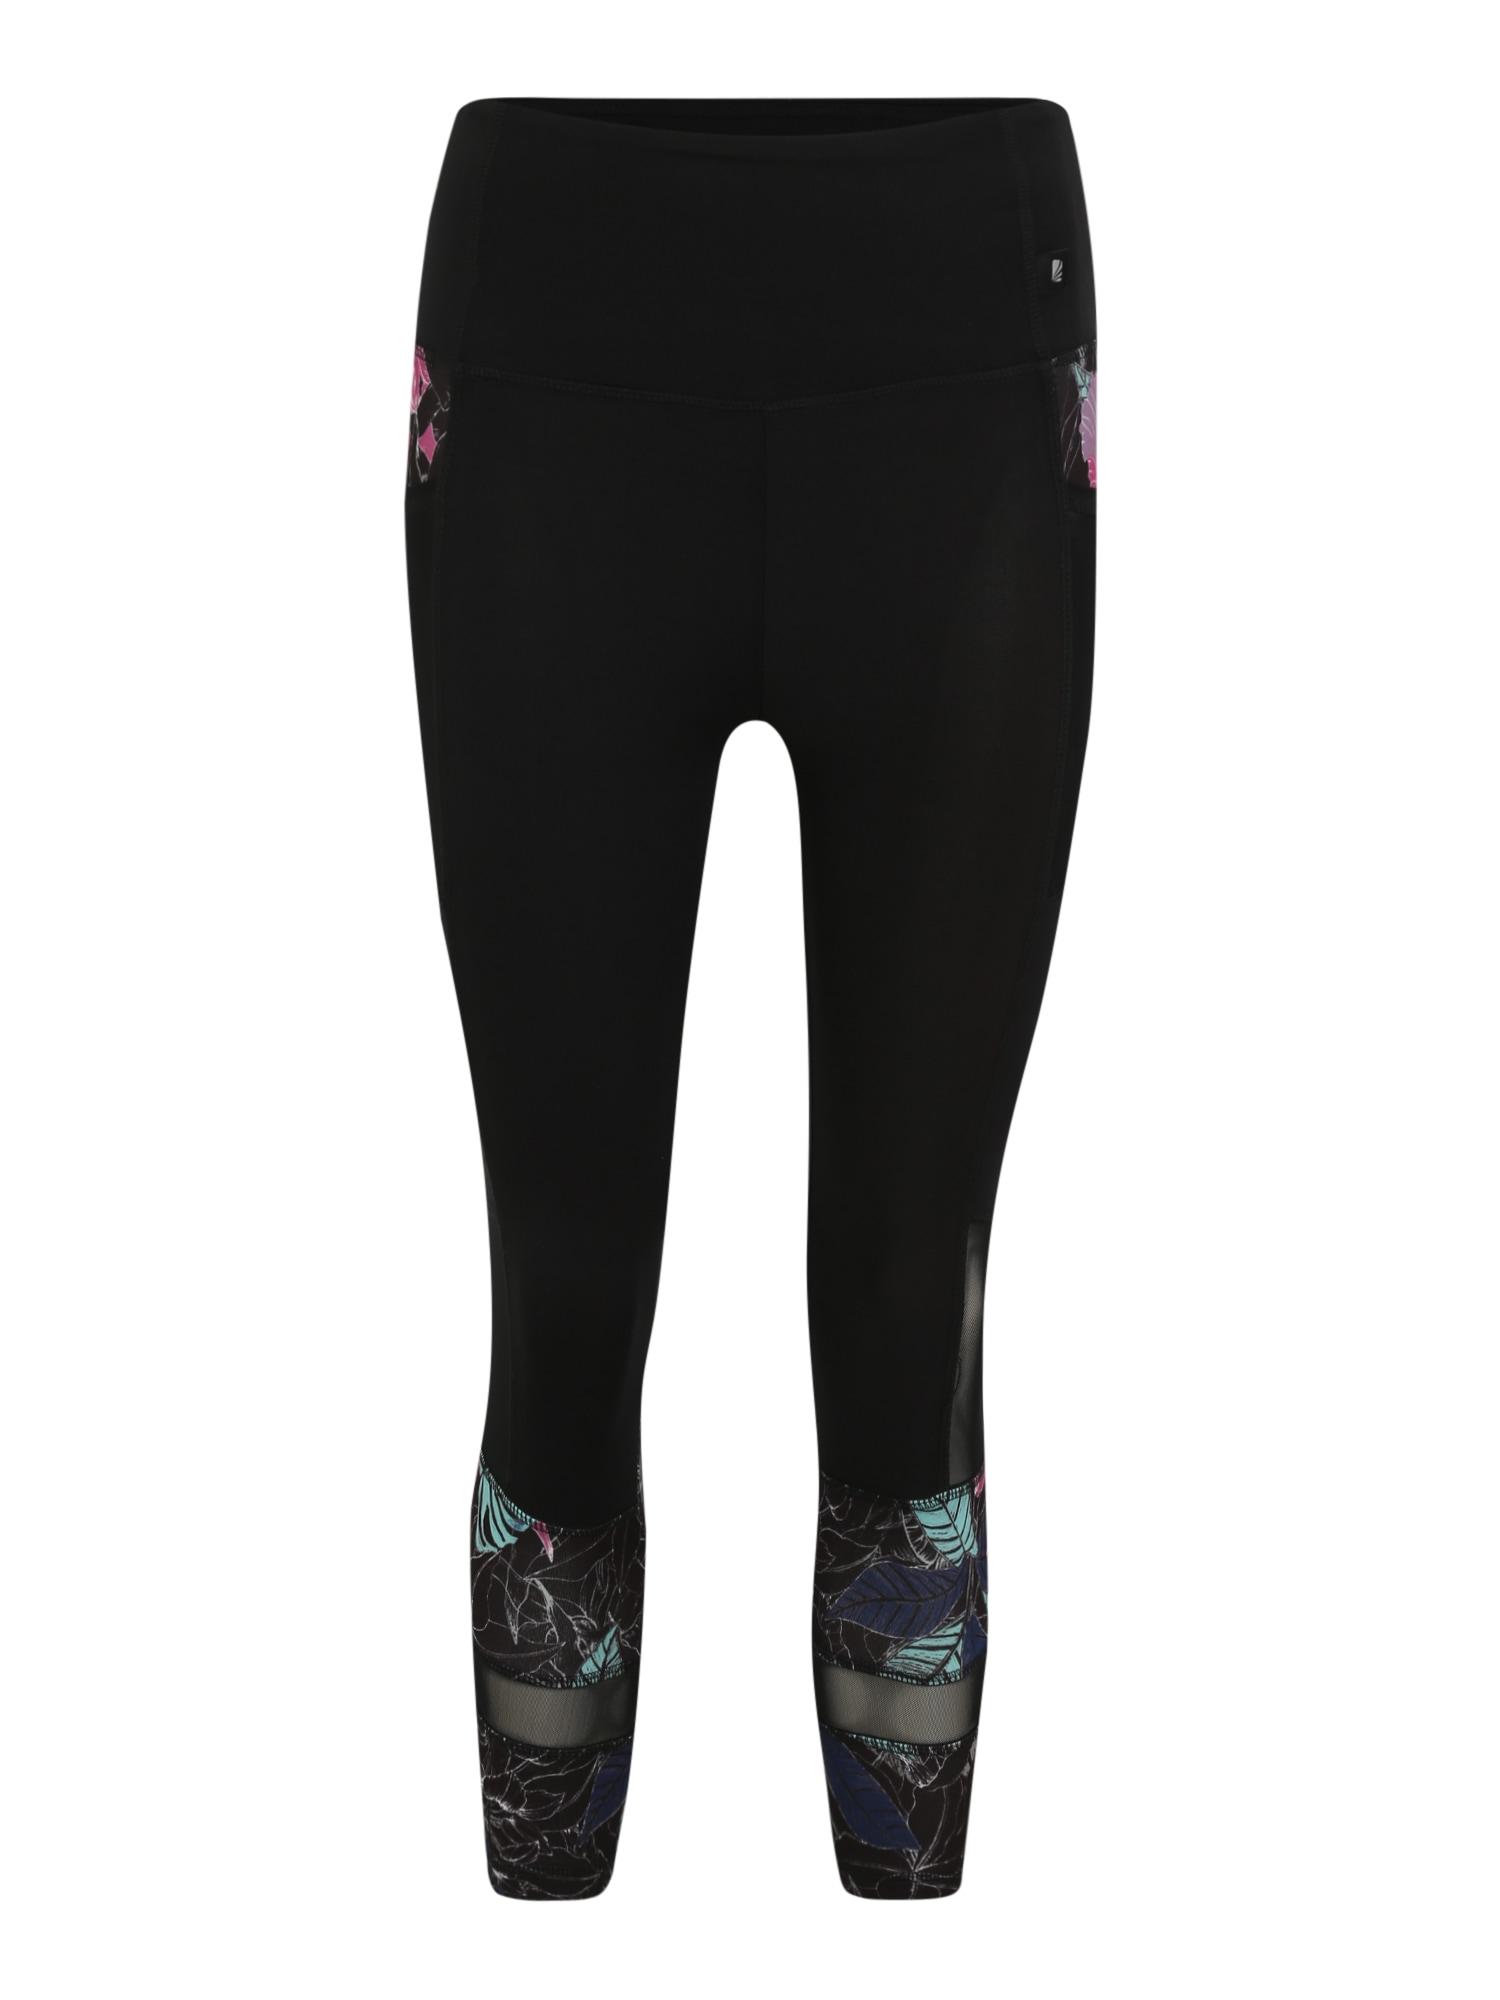 Sportovní kalhoty MORGAN MID CALF černá Marika